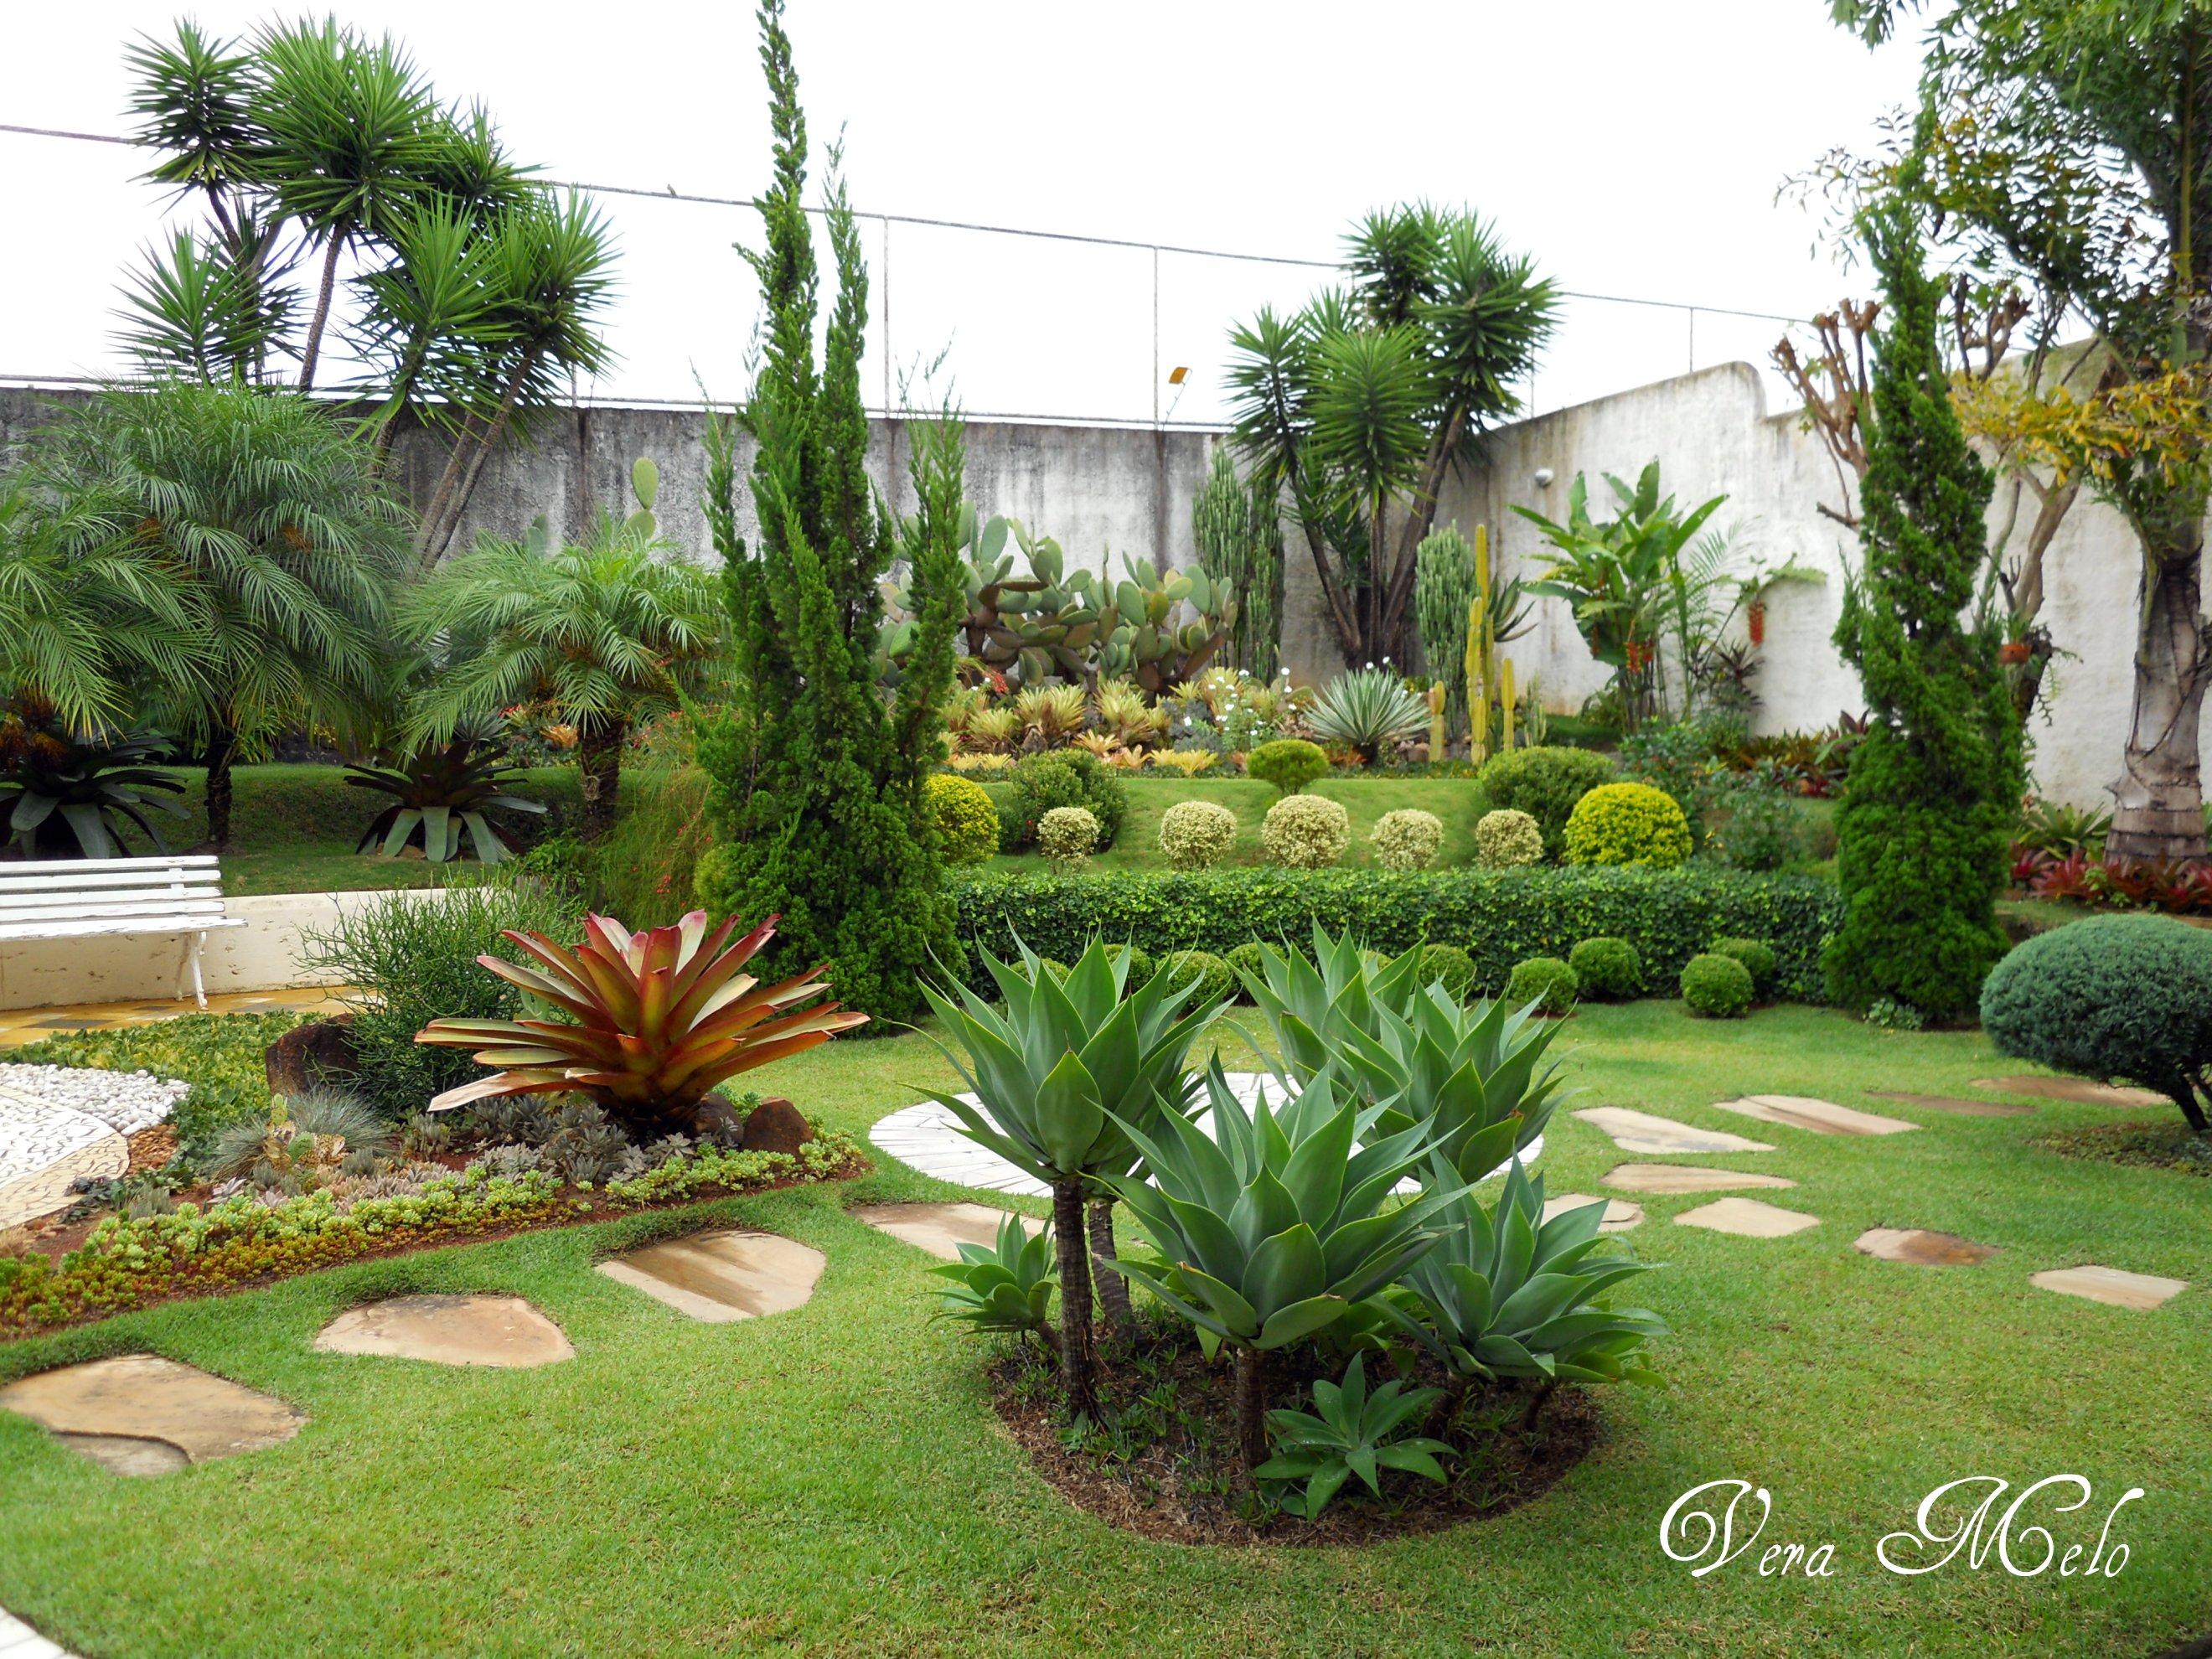 Pin jardins pequenos lindos em pouco espa o pelautscom on - Jardines pequenos de casas ...